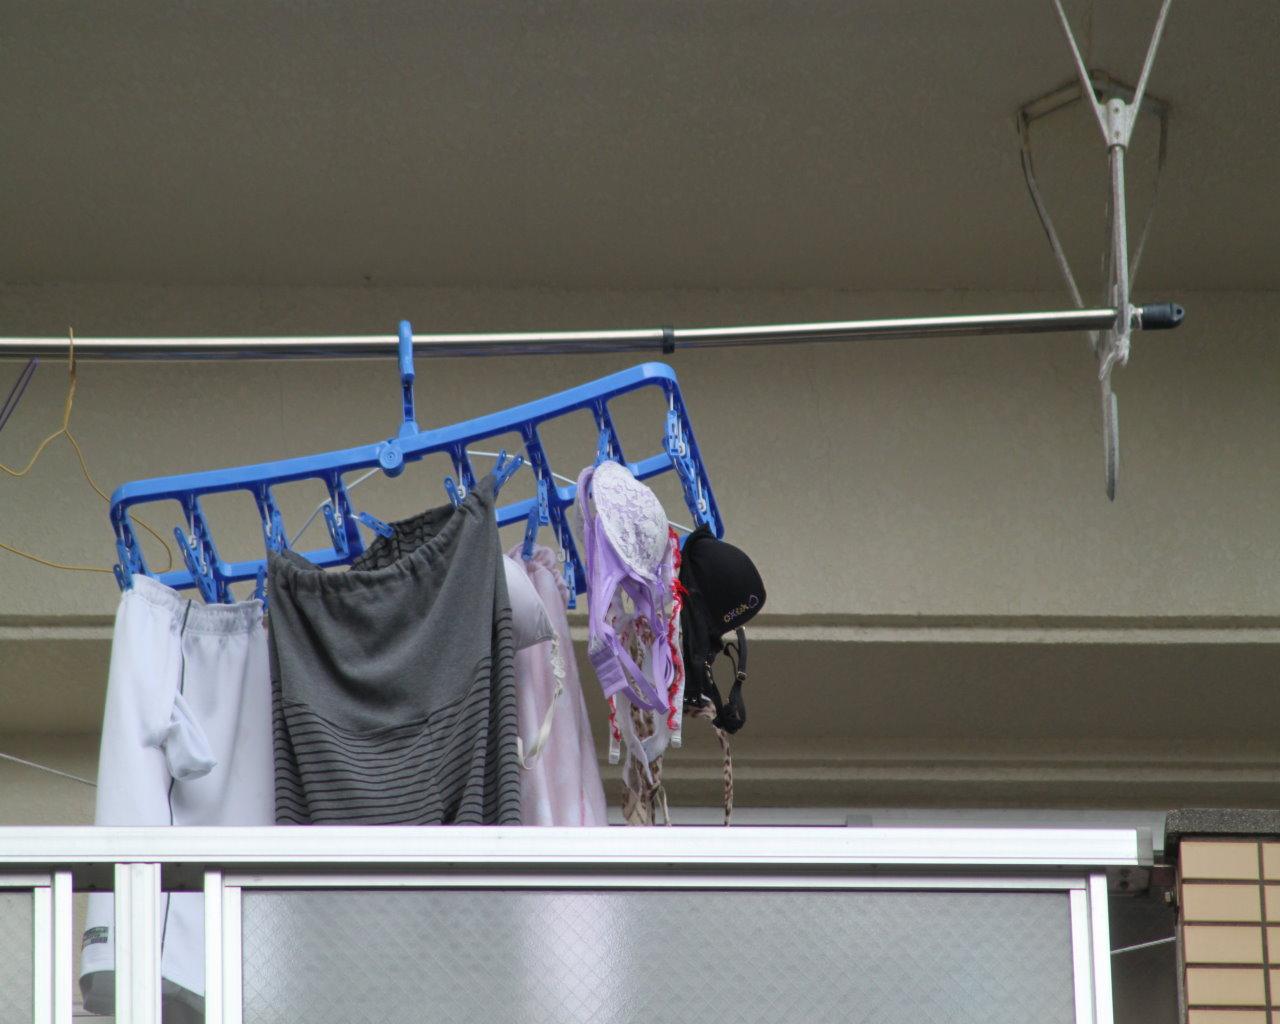 純白ロリパンツが風になびくベランダの下着盗撮画像10枚目